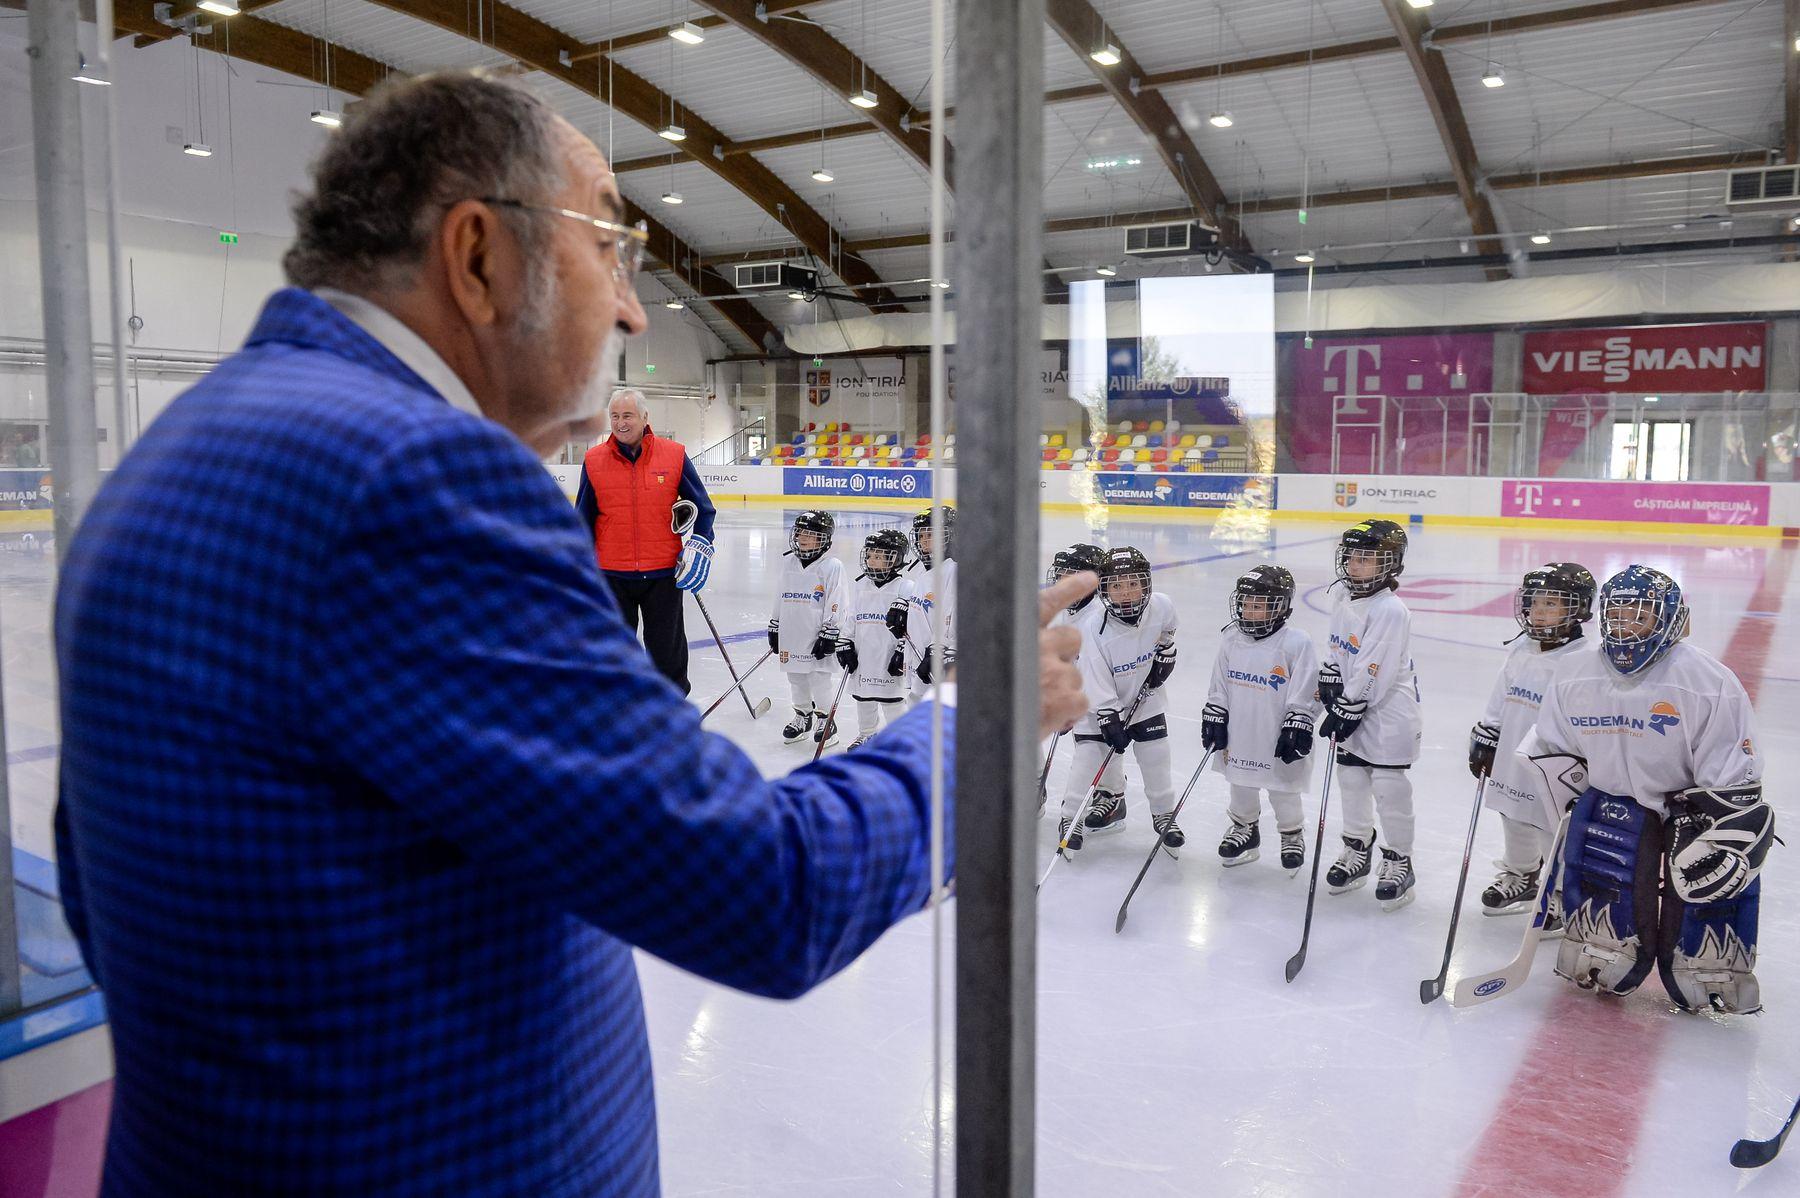 Fundația Ion Țiriac și partenerii patinoarului Telekom Arena crează anul acesta 6 echipe de hochei pentru juniori